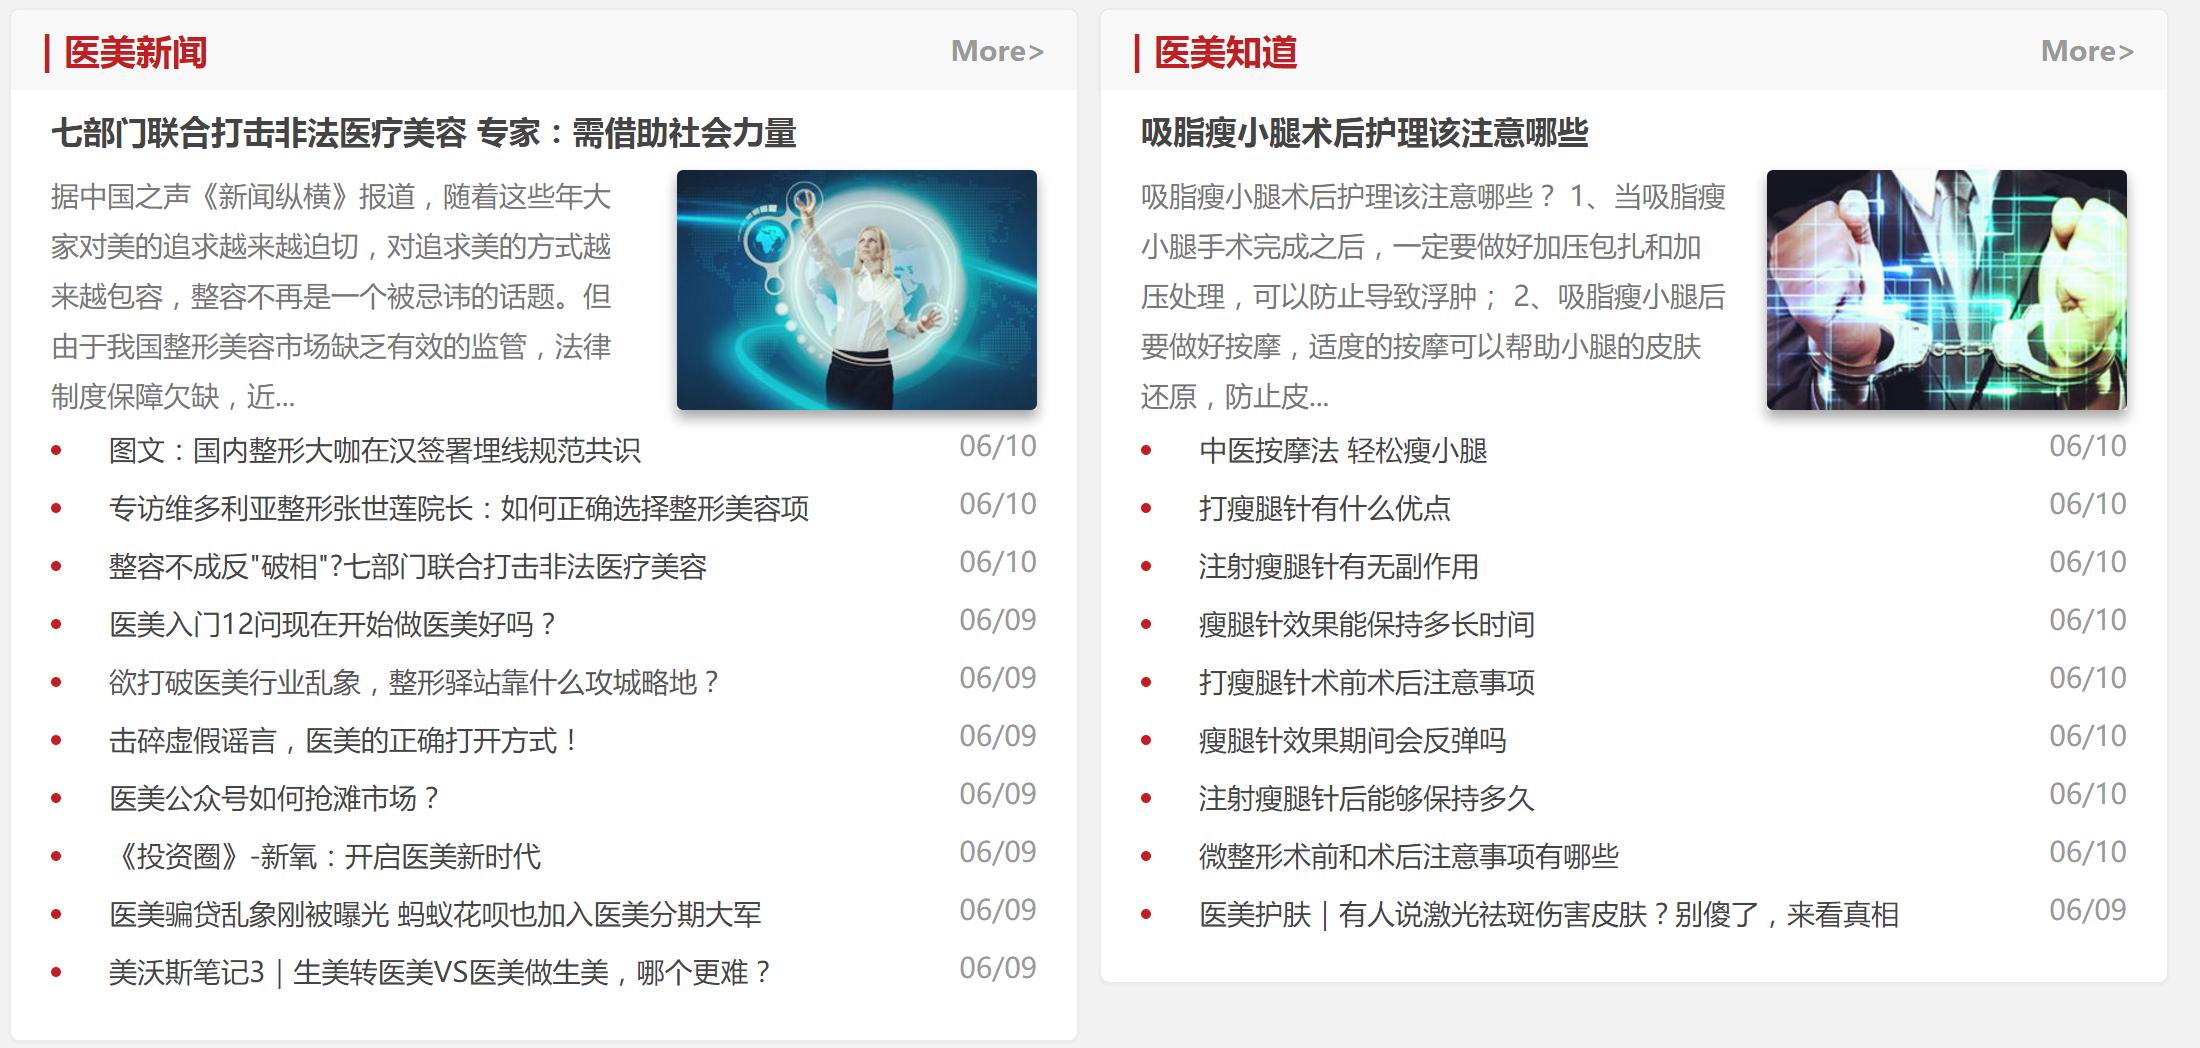 医美传媒网 医美行业首家互联网媒体资源整合营销平台 8